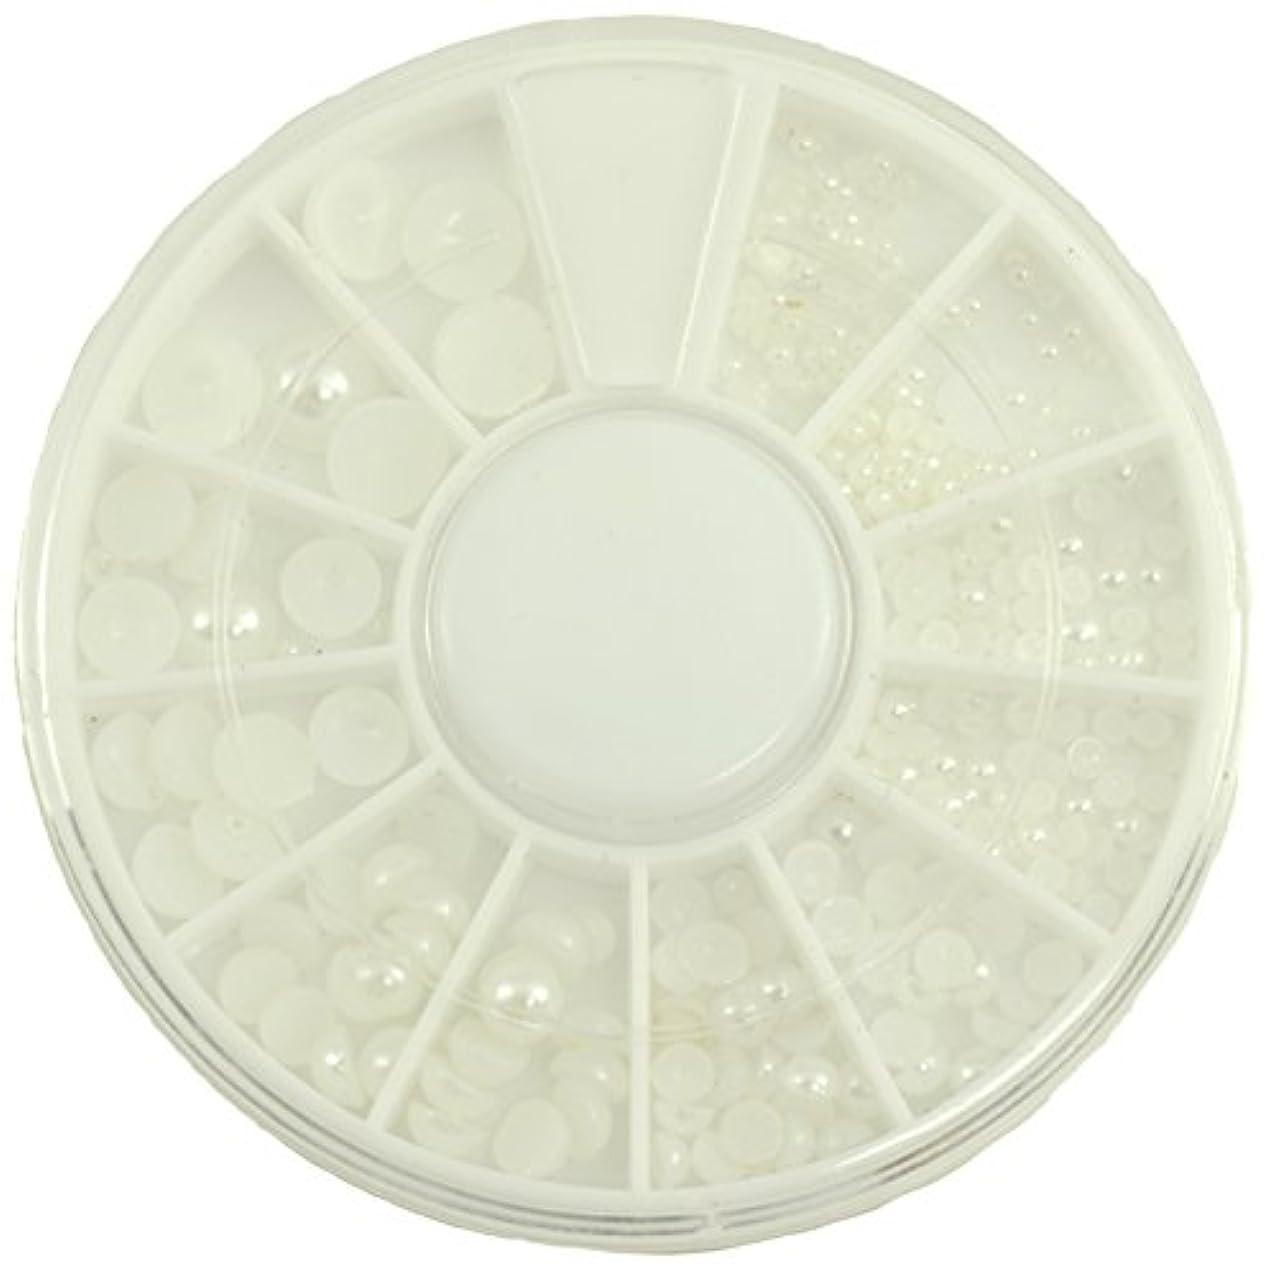 気分が良い材料ぞっとするようなネイルパーツ 半円パール ホワイト MIX 7mm5mm4mm3mm2mm1.5mm デコパーツ